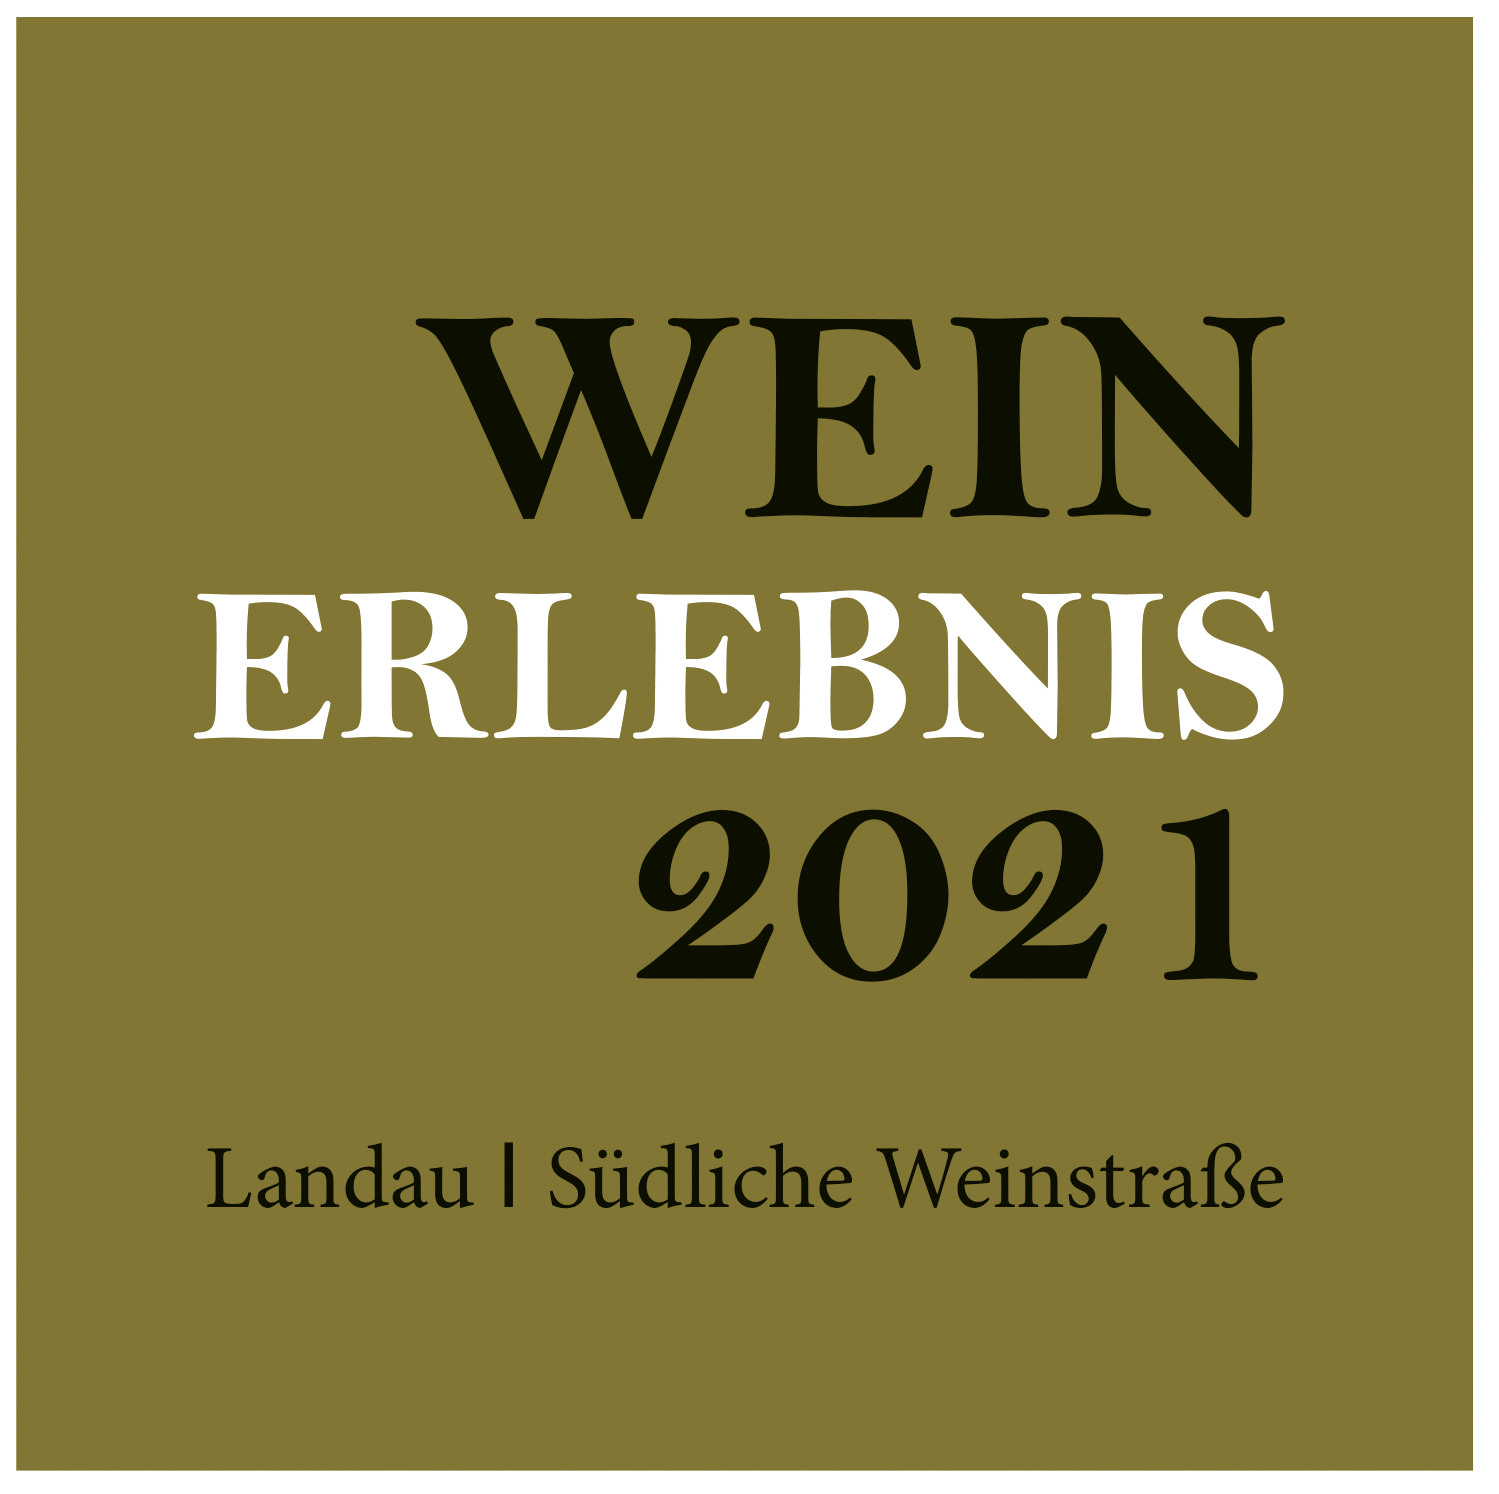 #Weinerlebnis Landau Südliche Weinstrasse